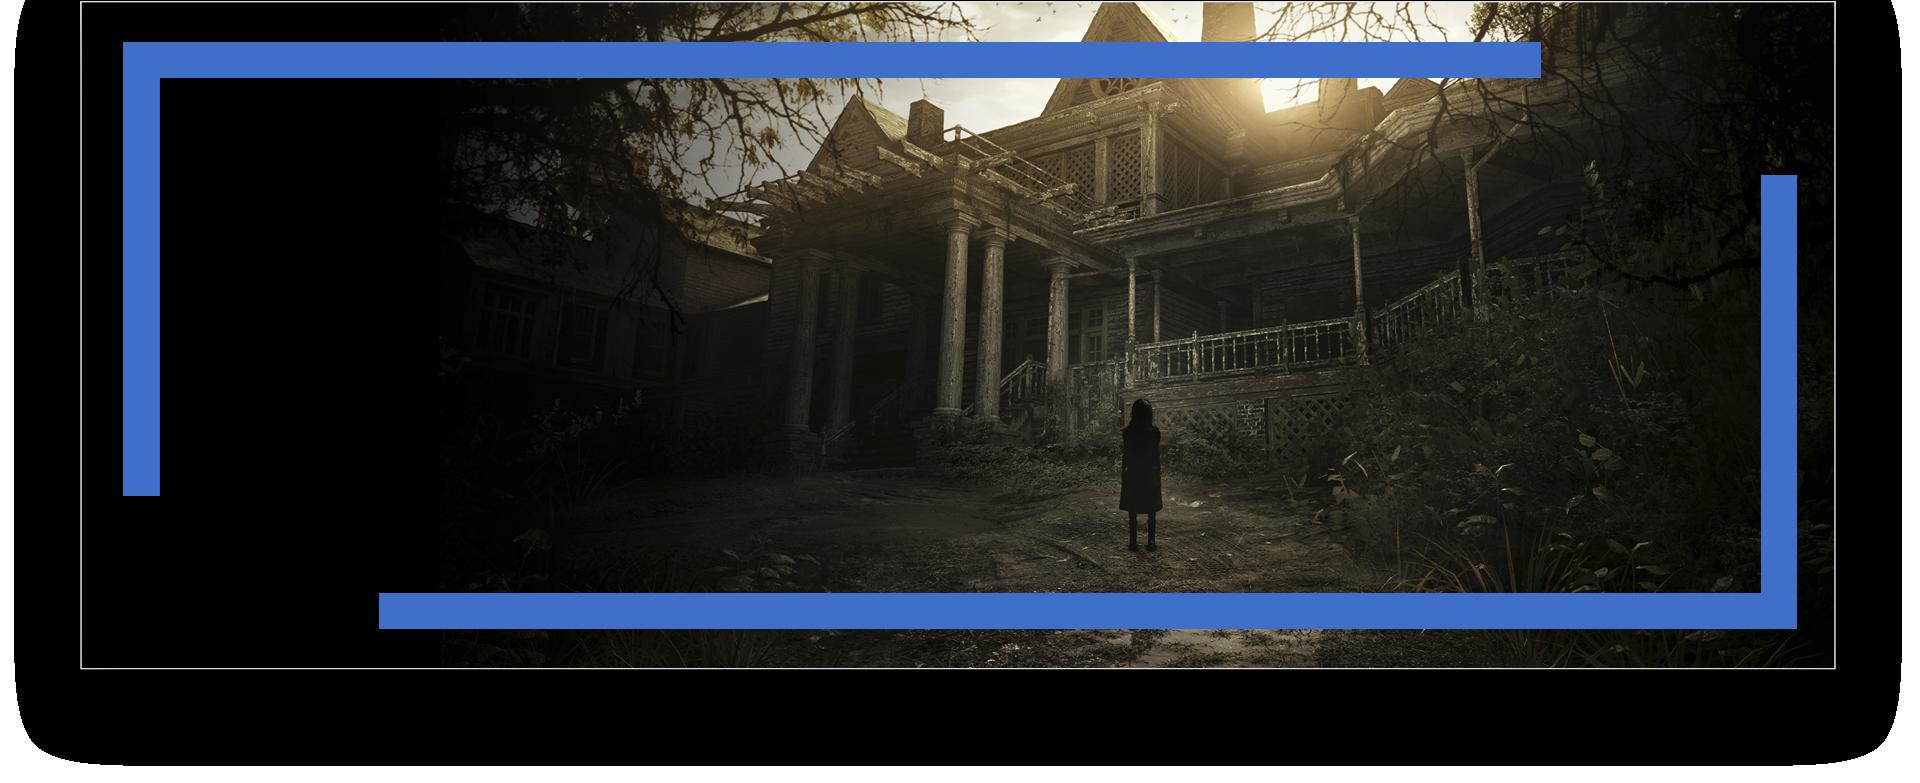 Resident Evil 7 key art